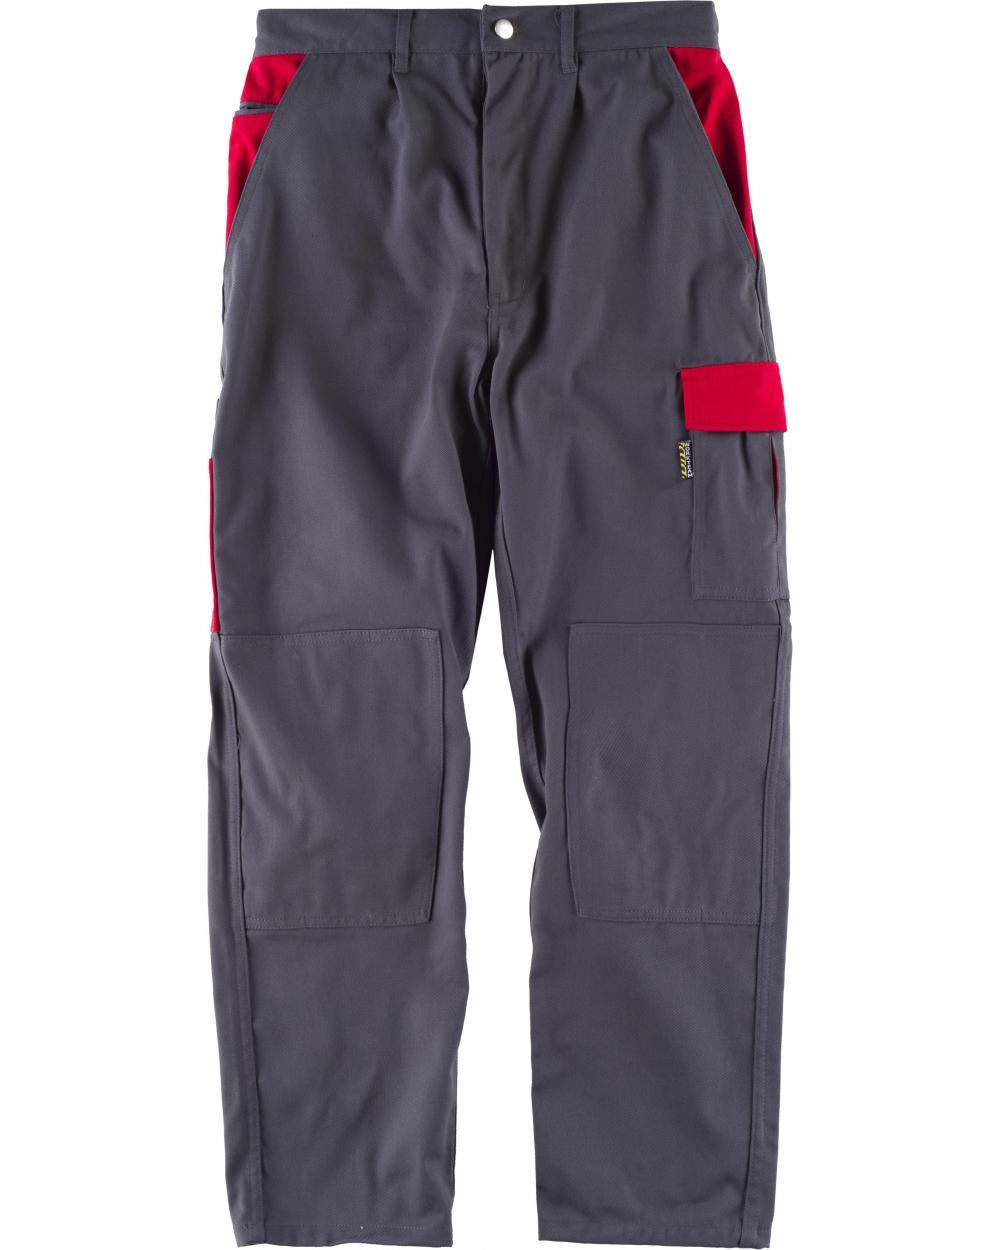 Comprar Pantalon alta resistencia WF1550 Gris+Rojo workteam delante